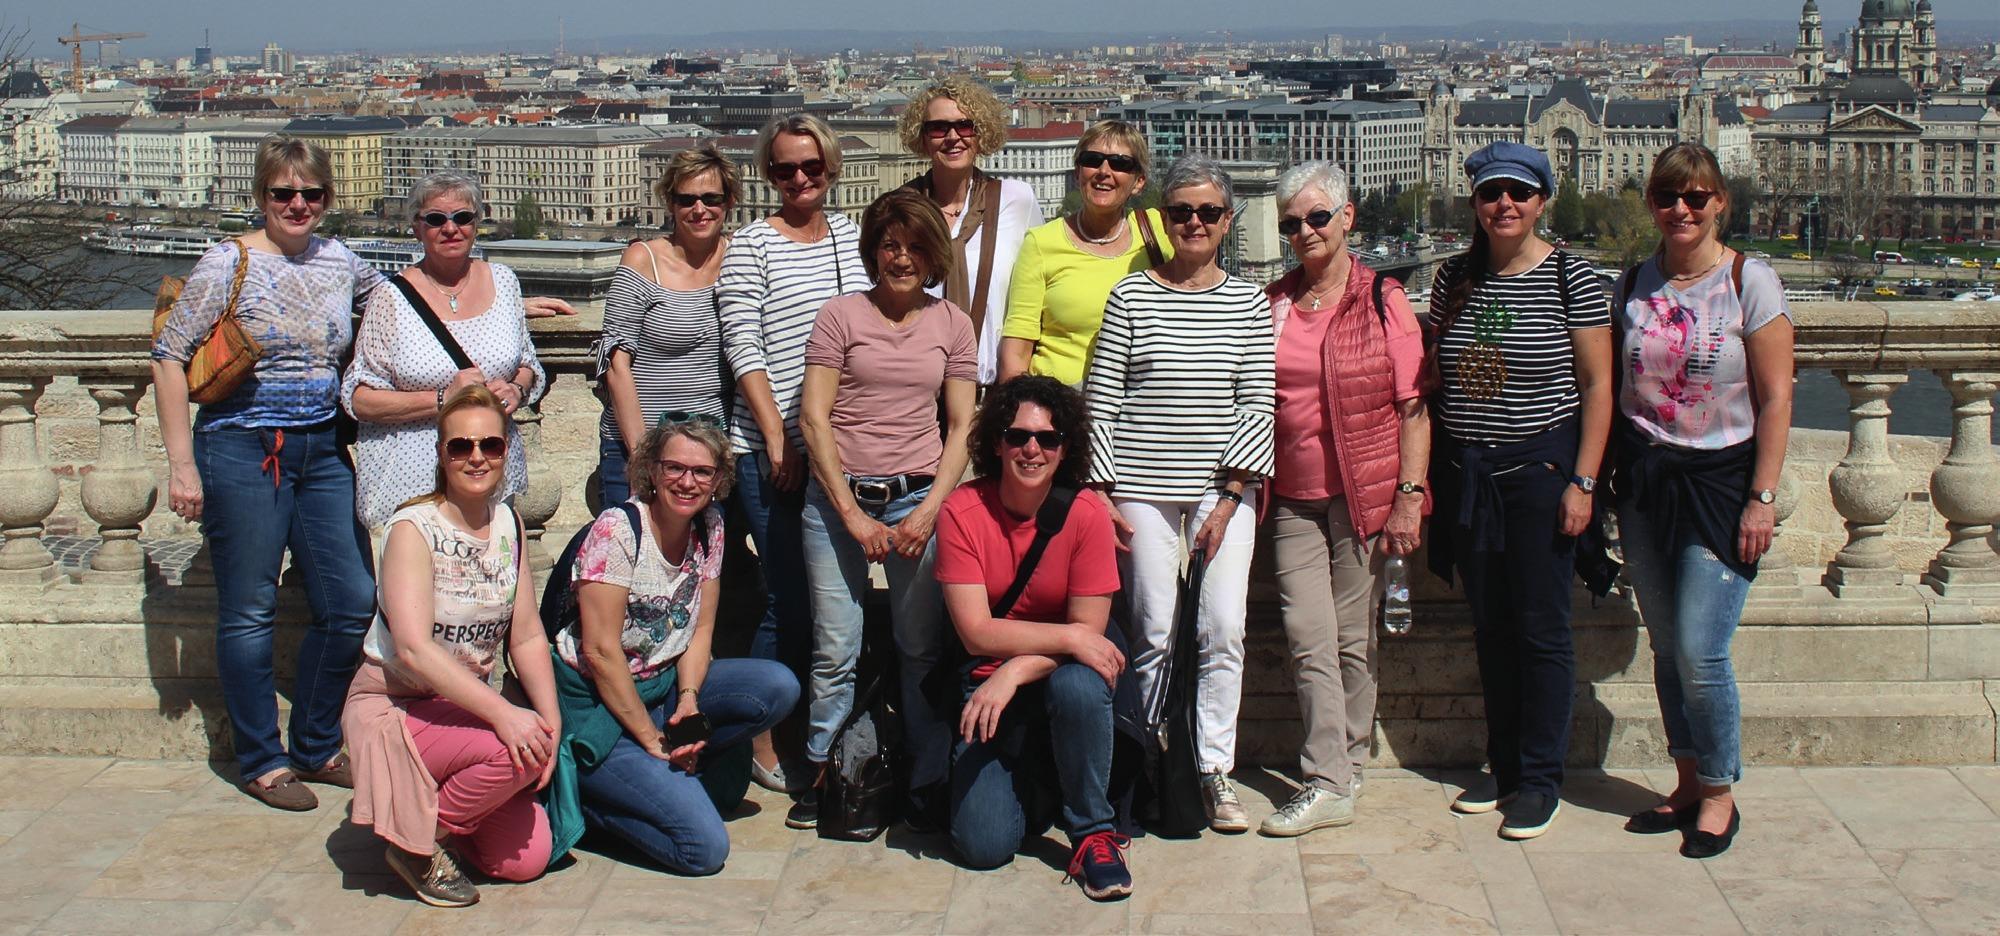 Die Collegiums-Damen bei strahlendem Sonnenschein in Budapest.